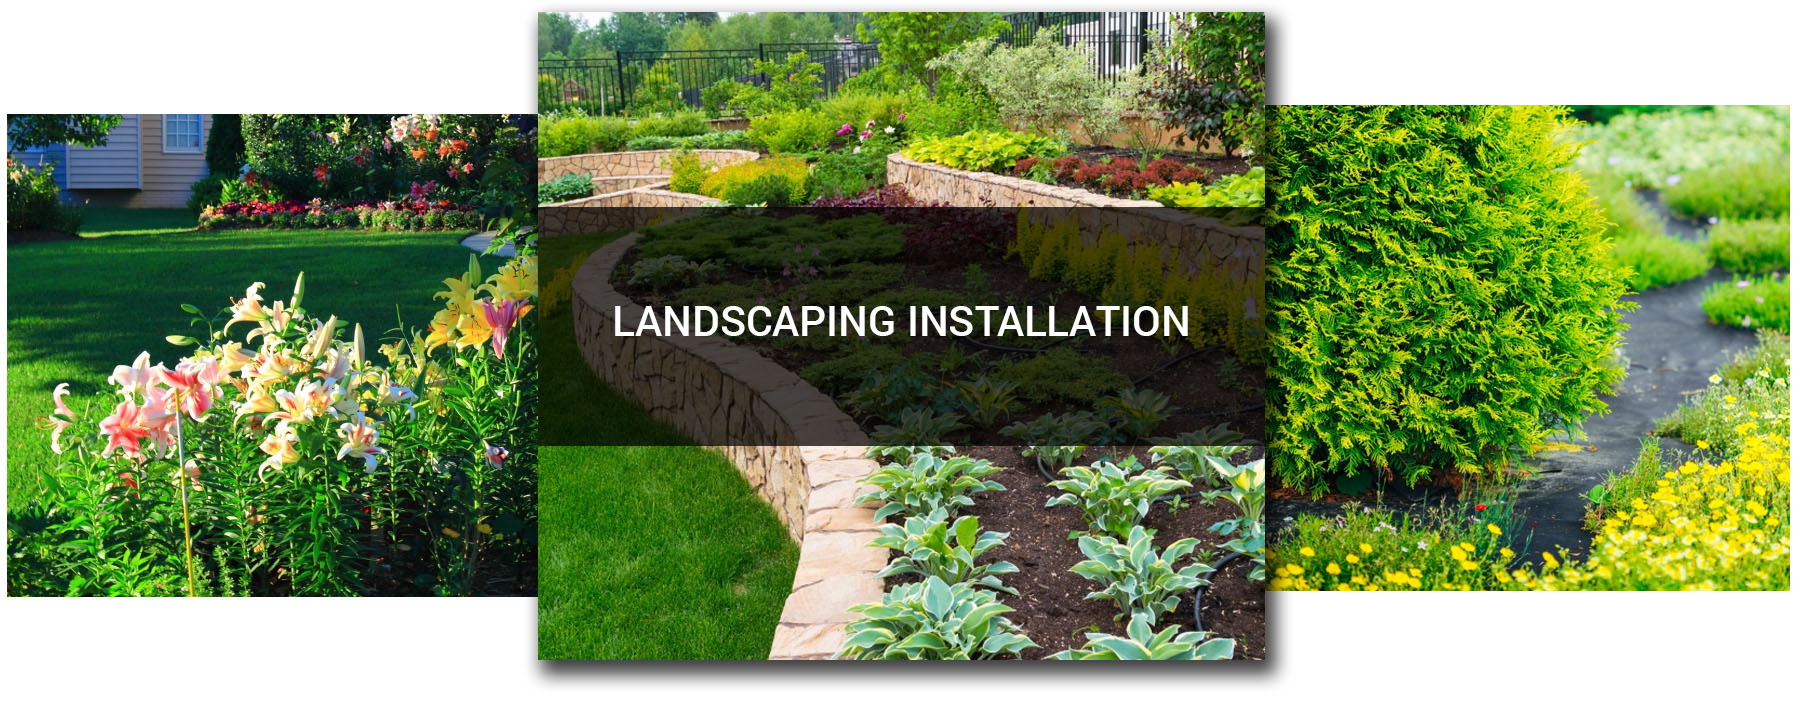 landscaping-header-1